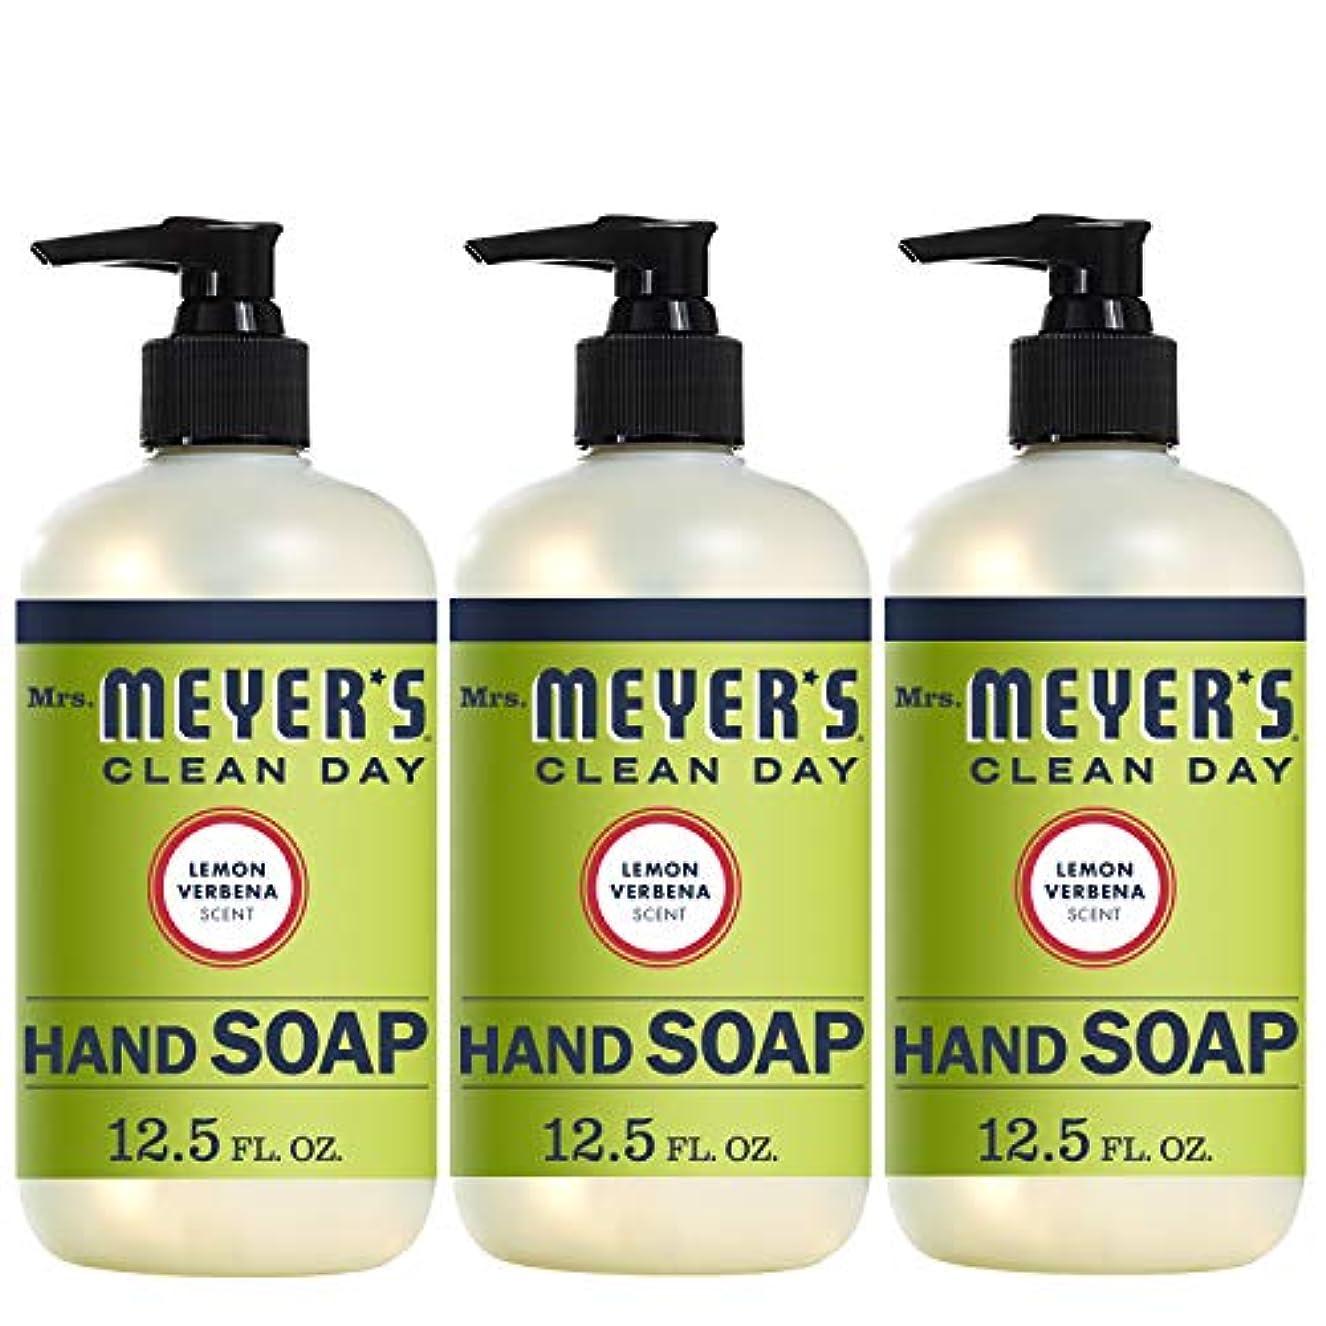 批判的にレッスンウィザードMrs. Meyers Clean Day ハンドソープ レモン Verbena 12.5液量オンス